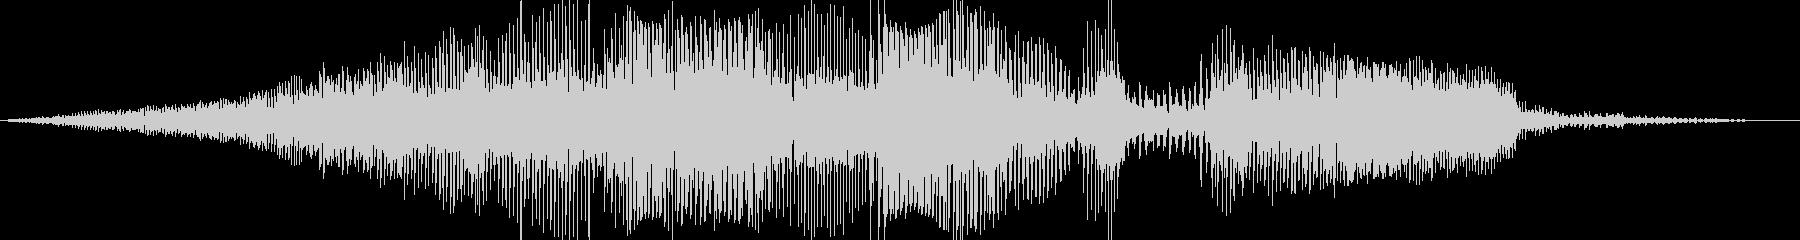 モトクロスレースの未再生の波形